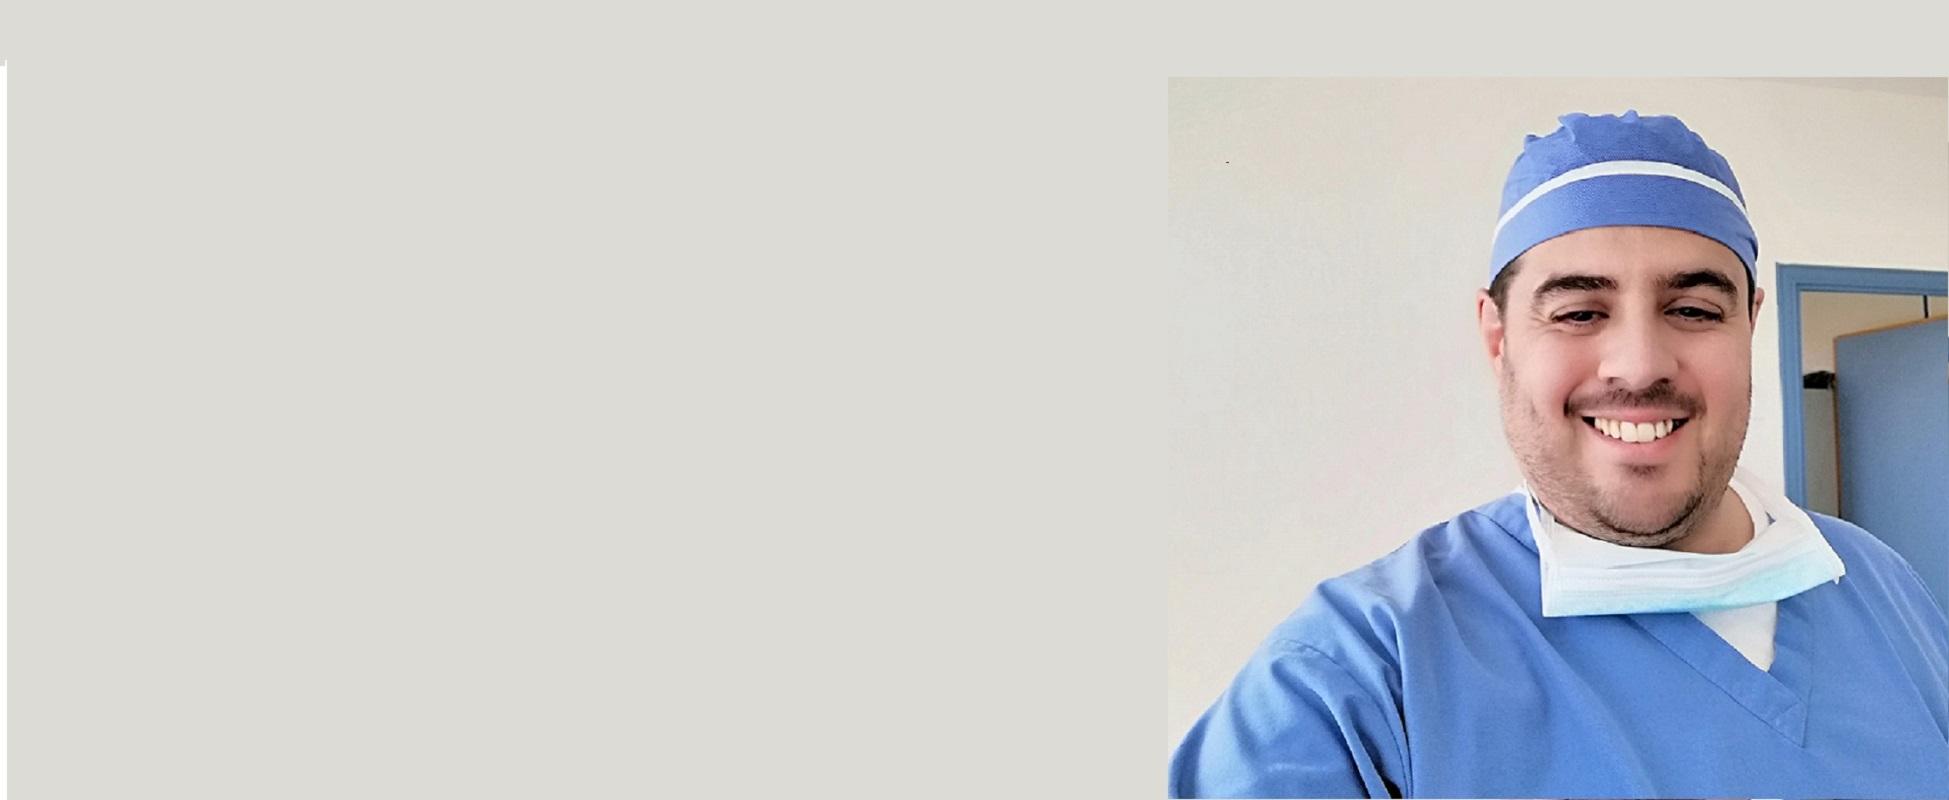 د. مصعب المومني, أفضل, احسن دكتور مسالك بولية, دكتور مسالك بولية , الأردن, عمان ,طبيب, كلى ,حصى, urologist ,urology ,sexologist ,amman ,jordan ,the best, المسالك البولية , عمان , الضعف الجنسي , تلفزيون , الحياة , دكتور مسالك بوليه في عمان , الاردن , اشطر دكتور مسالك , دكتور مسالك بوليه في الاردن ,, دكتور ذكورة , دكتور ضعف الانتصاب, علاج ضعف الانتصاب, ضعف الانتصاب, اسباب ضعف الانتصاب, علاج سرعة القذف, تقوية الانتصاب, علاج الانتصاب, المسالك البوليه, التهاب البول, البواسير, علاج التهاب البول, دكتور مسالك بولية, دوالي الخصية, علاج البروستاتا, الانتصاب, سرعة القذف, علاج حصى الكلى, اعراض حصى الكلى, حصوات الكلى, ترسبات الكلى, امراض الكلى ,البروستات, ,البروستاتا, التهاب البروستاتا, اعراض البروستاتا, تضخم البروستاتا, علاج البواسير, سرطان البروستاتا, اعراض التهاب البروستاتا, الضعف الجنسي, أفضل طبيب لعلاج الضعف الجنسي في الأردن, اعراض الضعف الجنسي , الضعف الجنسي, طبيب لعلاج الضعف الجنسي, علاج الضعف الجنسي, هبة قطب , دوالي الخصية, تأخير القذف, علاج القذف السريع, علاج سرعة القذف عند الرجال , احسن دكتور مسالك بولية في الاردن , احسن دكتور مسالك بولية في عمان , احسن دكتور مسالك بوليه في الاردن , احسن دكتور مسالك بوليه في عمان ,, افضل دكتور مسالك بولية في الاردن , افضل دكتور مسالك بولية في عمان , افضل دكتور مسالك بوليه في الاردن , افضل دكتور مسالك بوليه في عمان , دكتور دوالي الخصية في عمان , علاج الدوالي , علاج دوالي الخصية الاردن